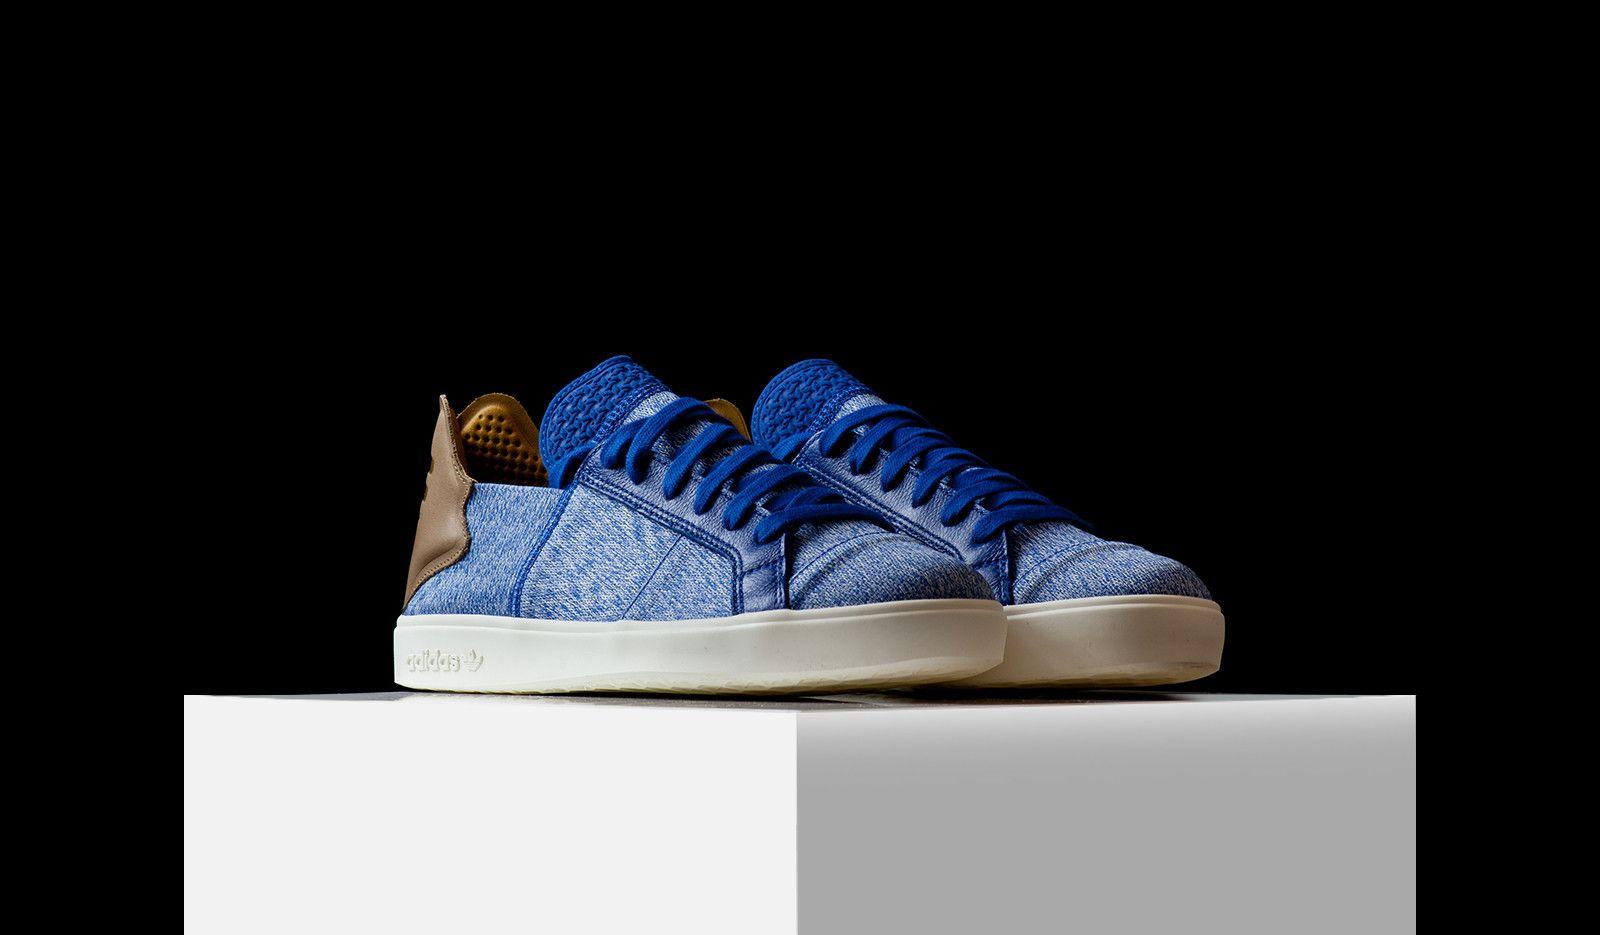 online store 5908b 97b22 Adidas X Pharrell Williams Vulc Lace-Up (AQ5779)